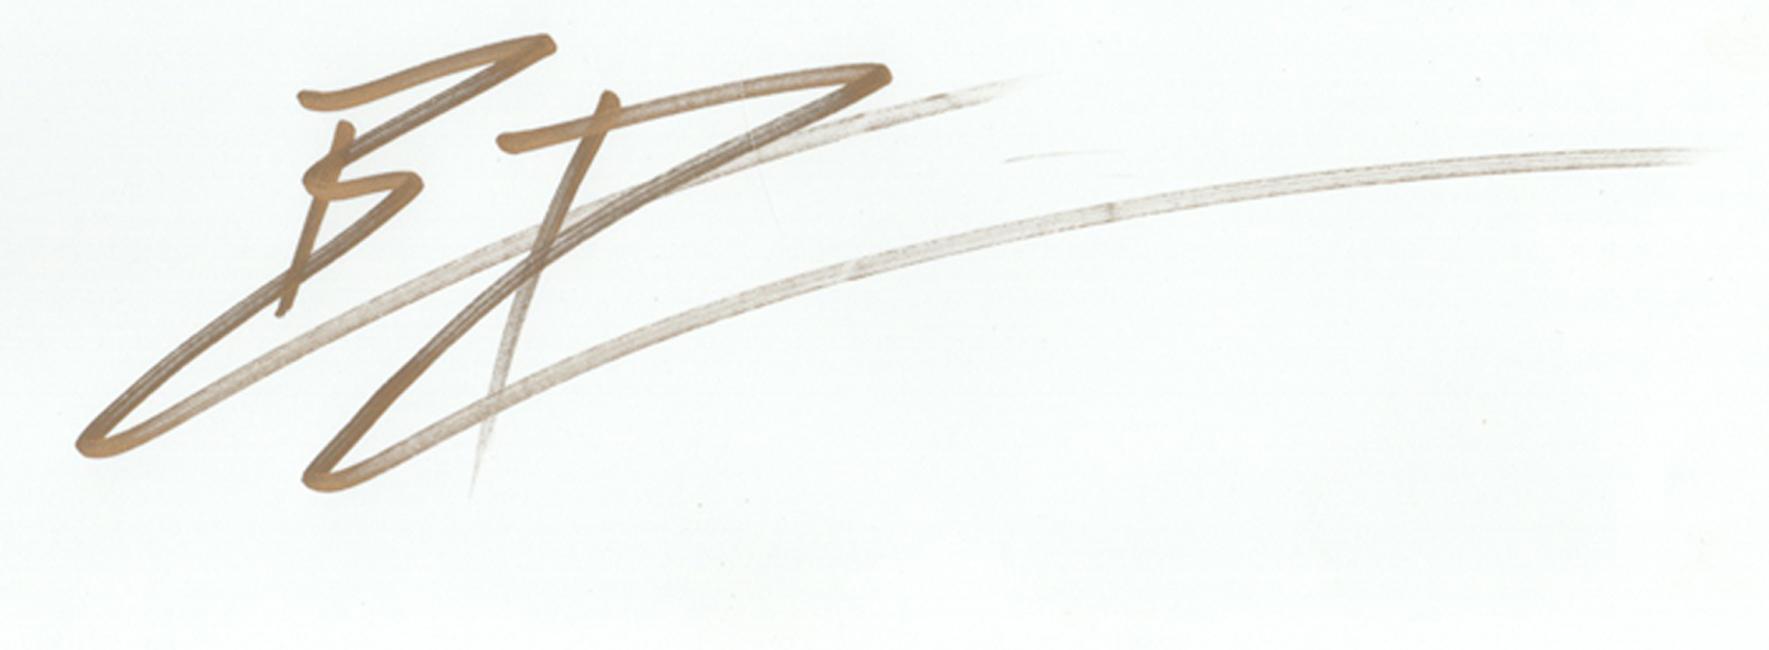 Brian  Ross's Signature